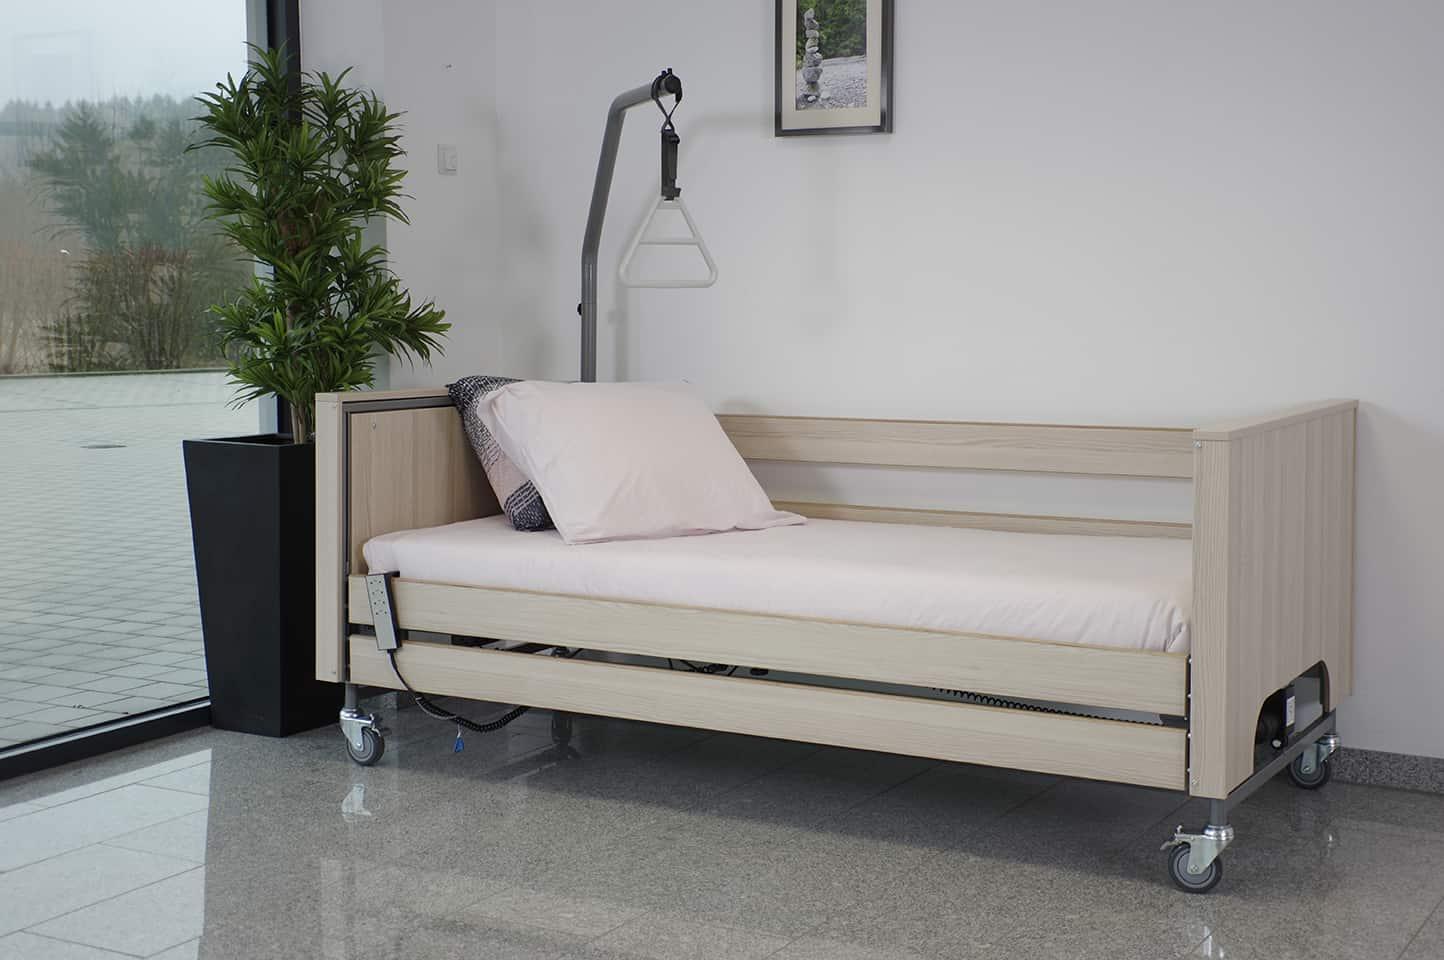 Hoog laag bed ecofit de luxe schipper compact wonen